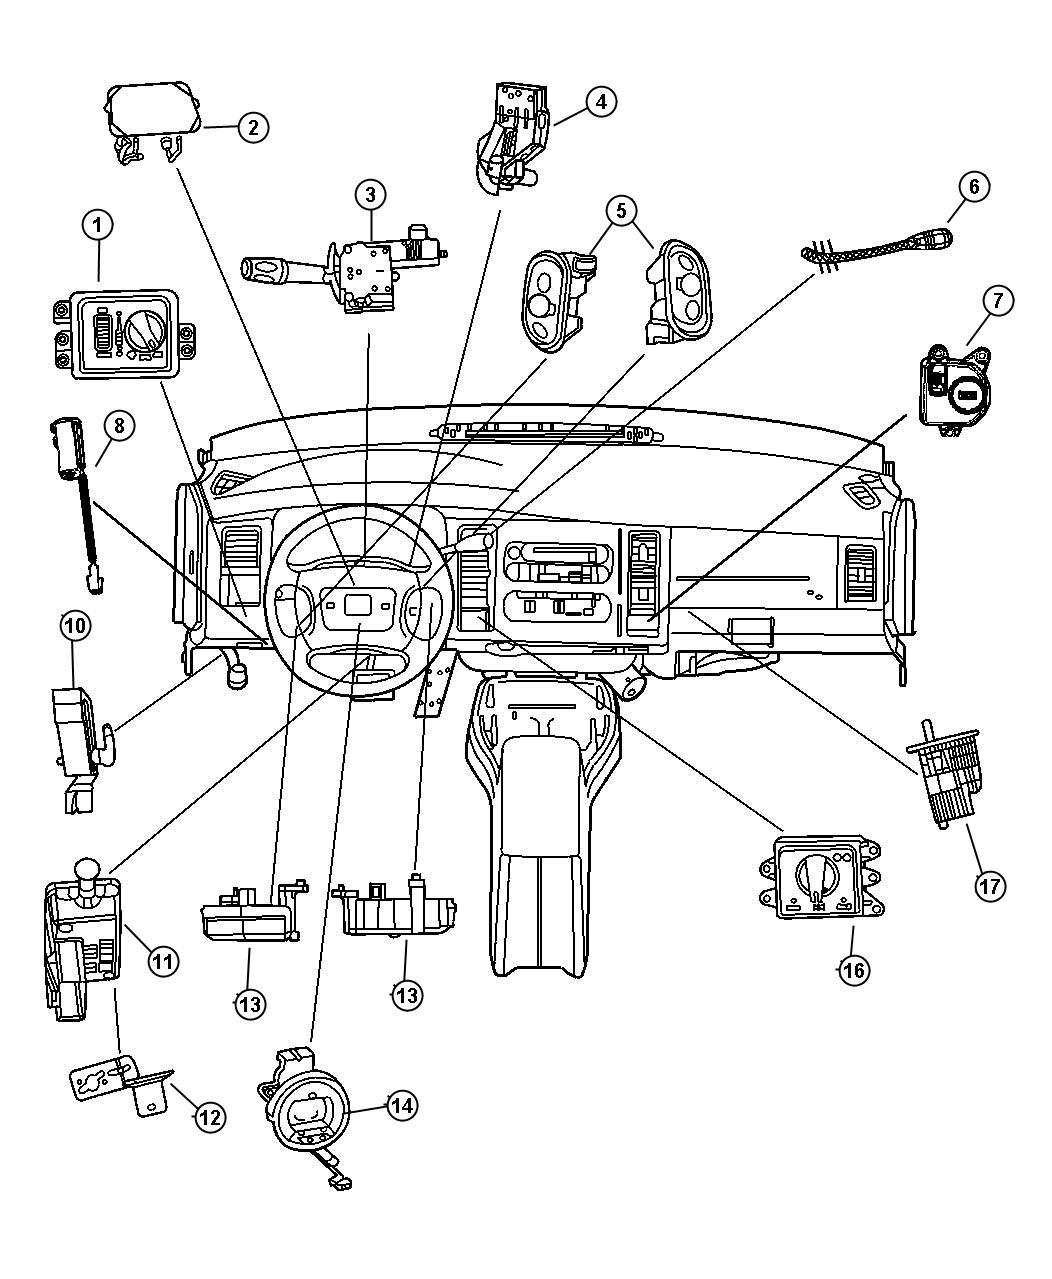 tags: #1994 bmw 325i parts#bmw 325i custom#bmw 325i e90#blue 1994 bmw 325is#1994  bmw 325i intake manifold#e36 bmw 325i cooling water#1994 bmw 325is